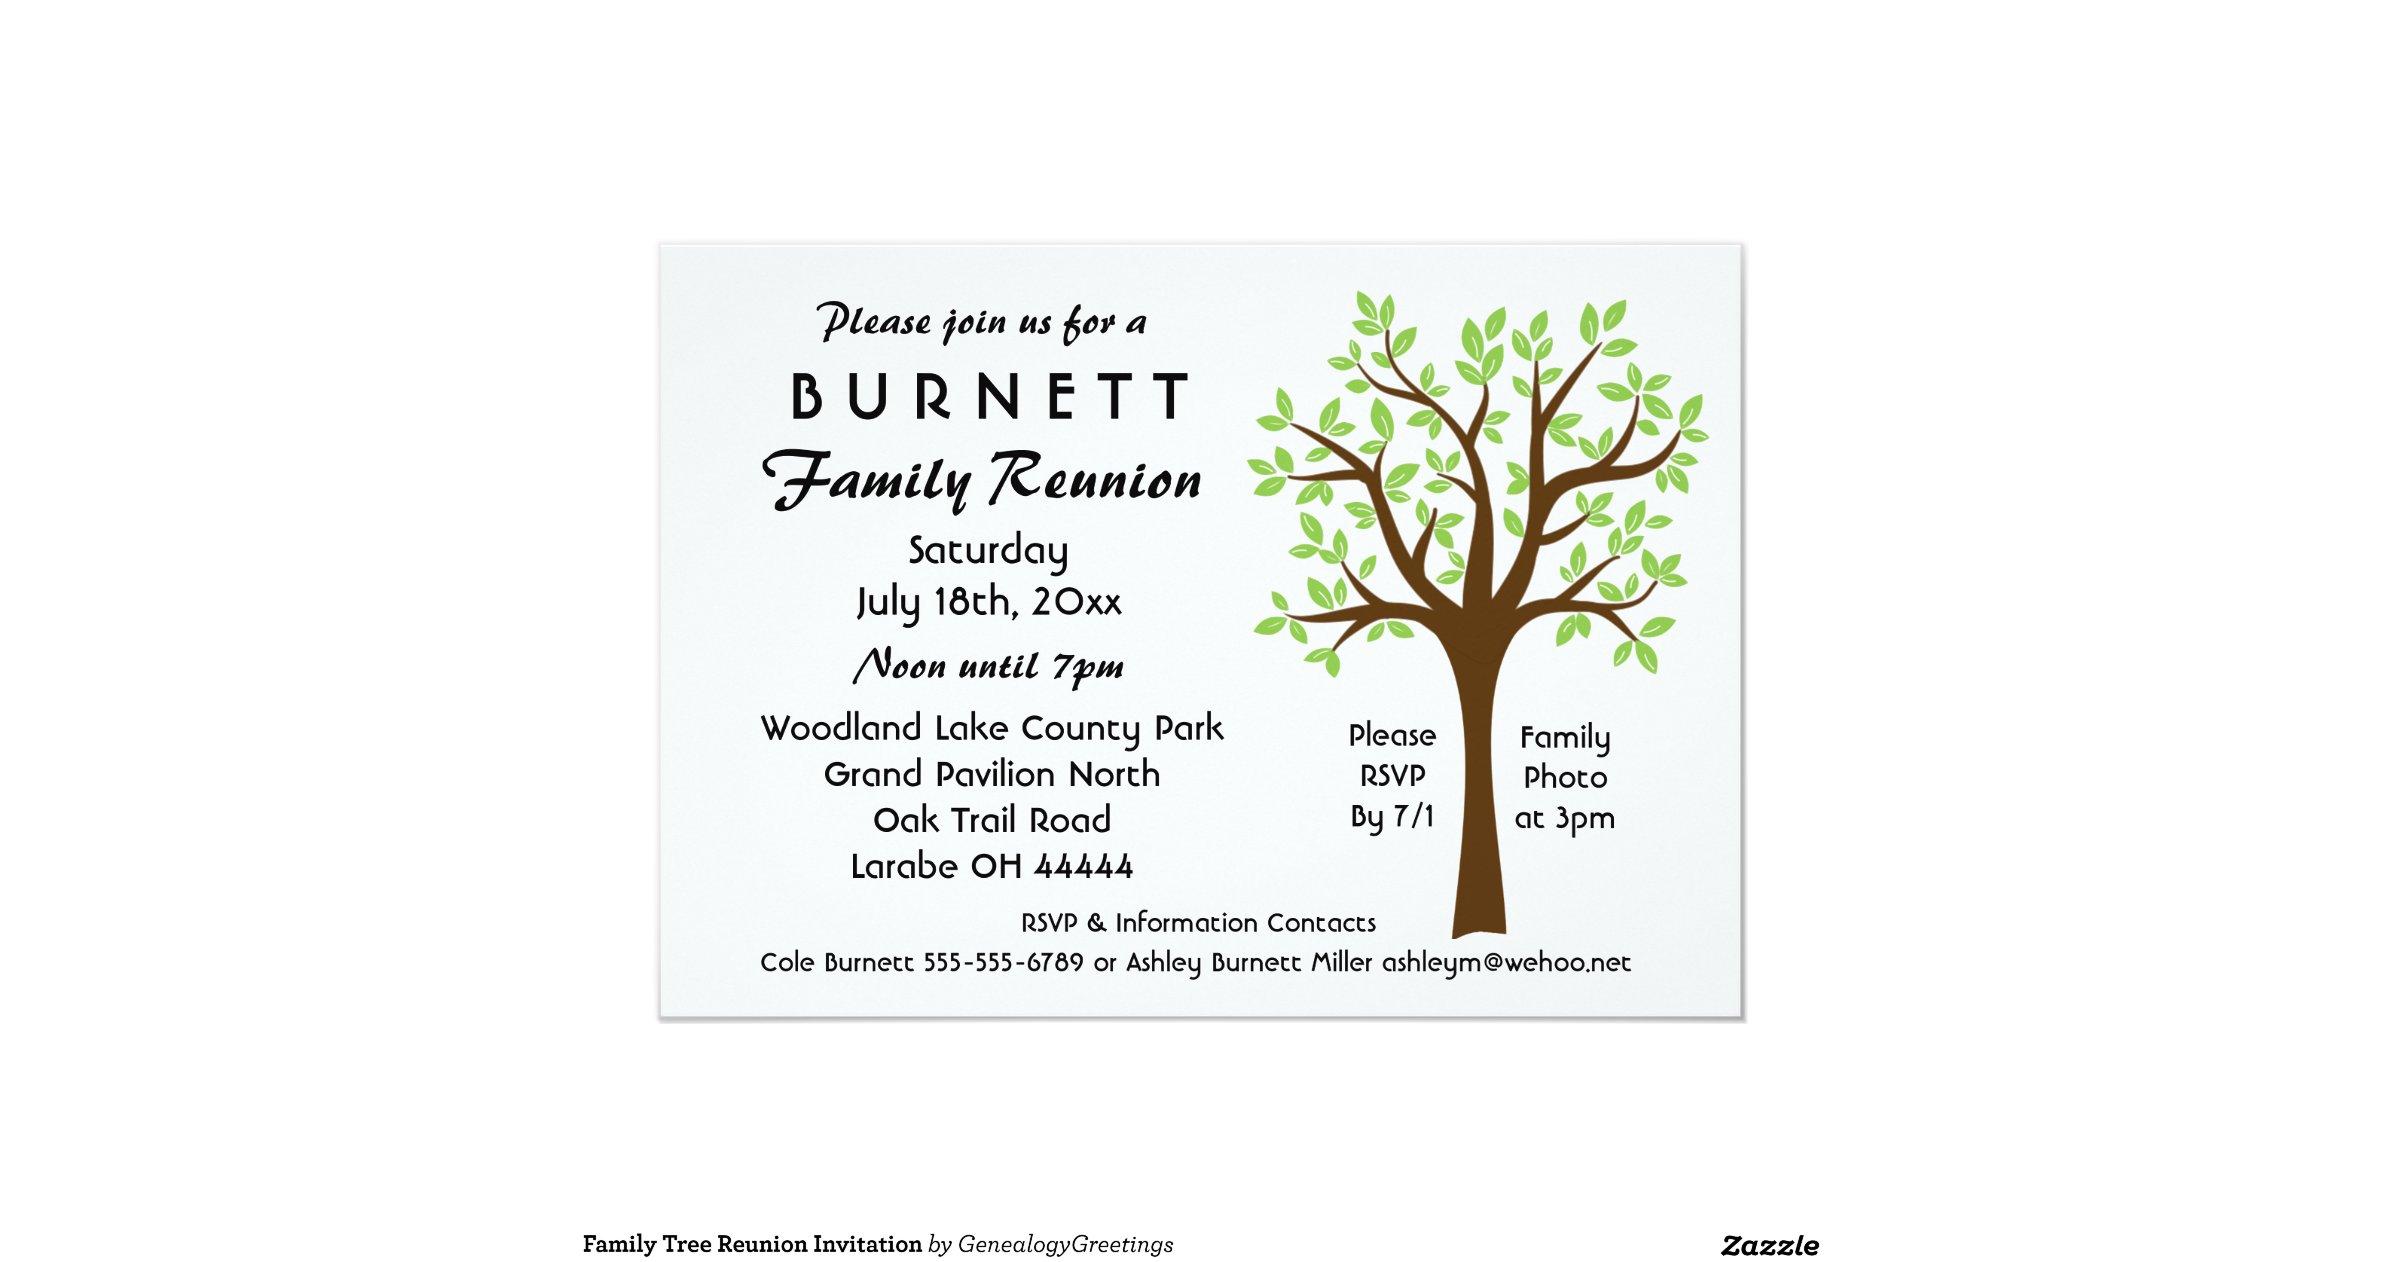 family_tree_reunion_invitation